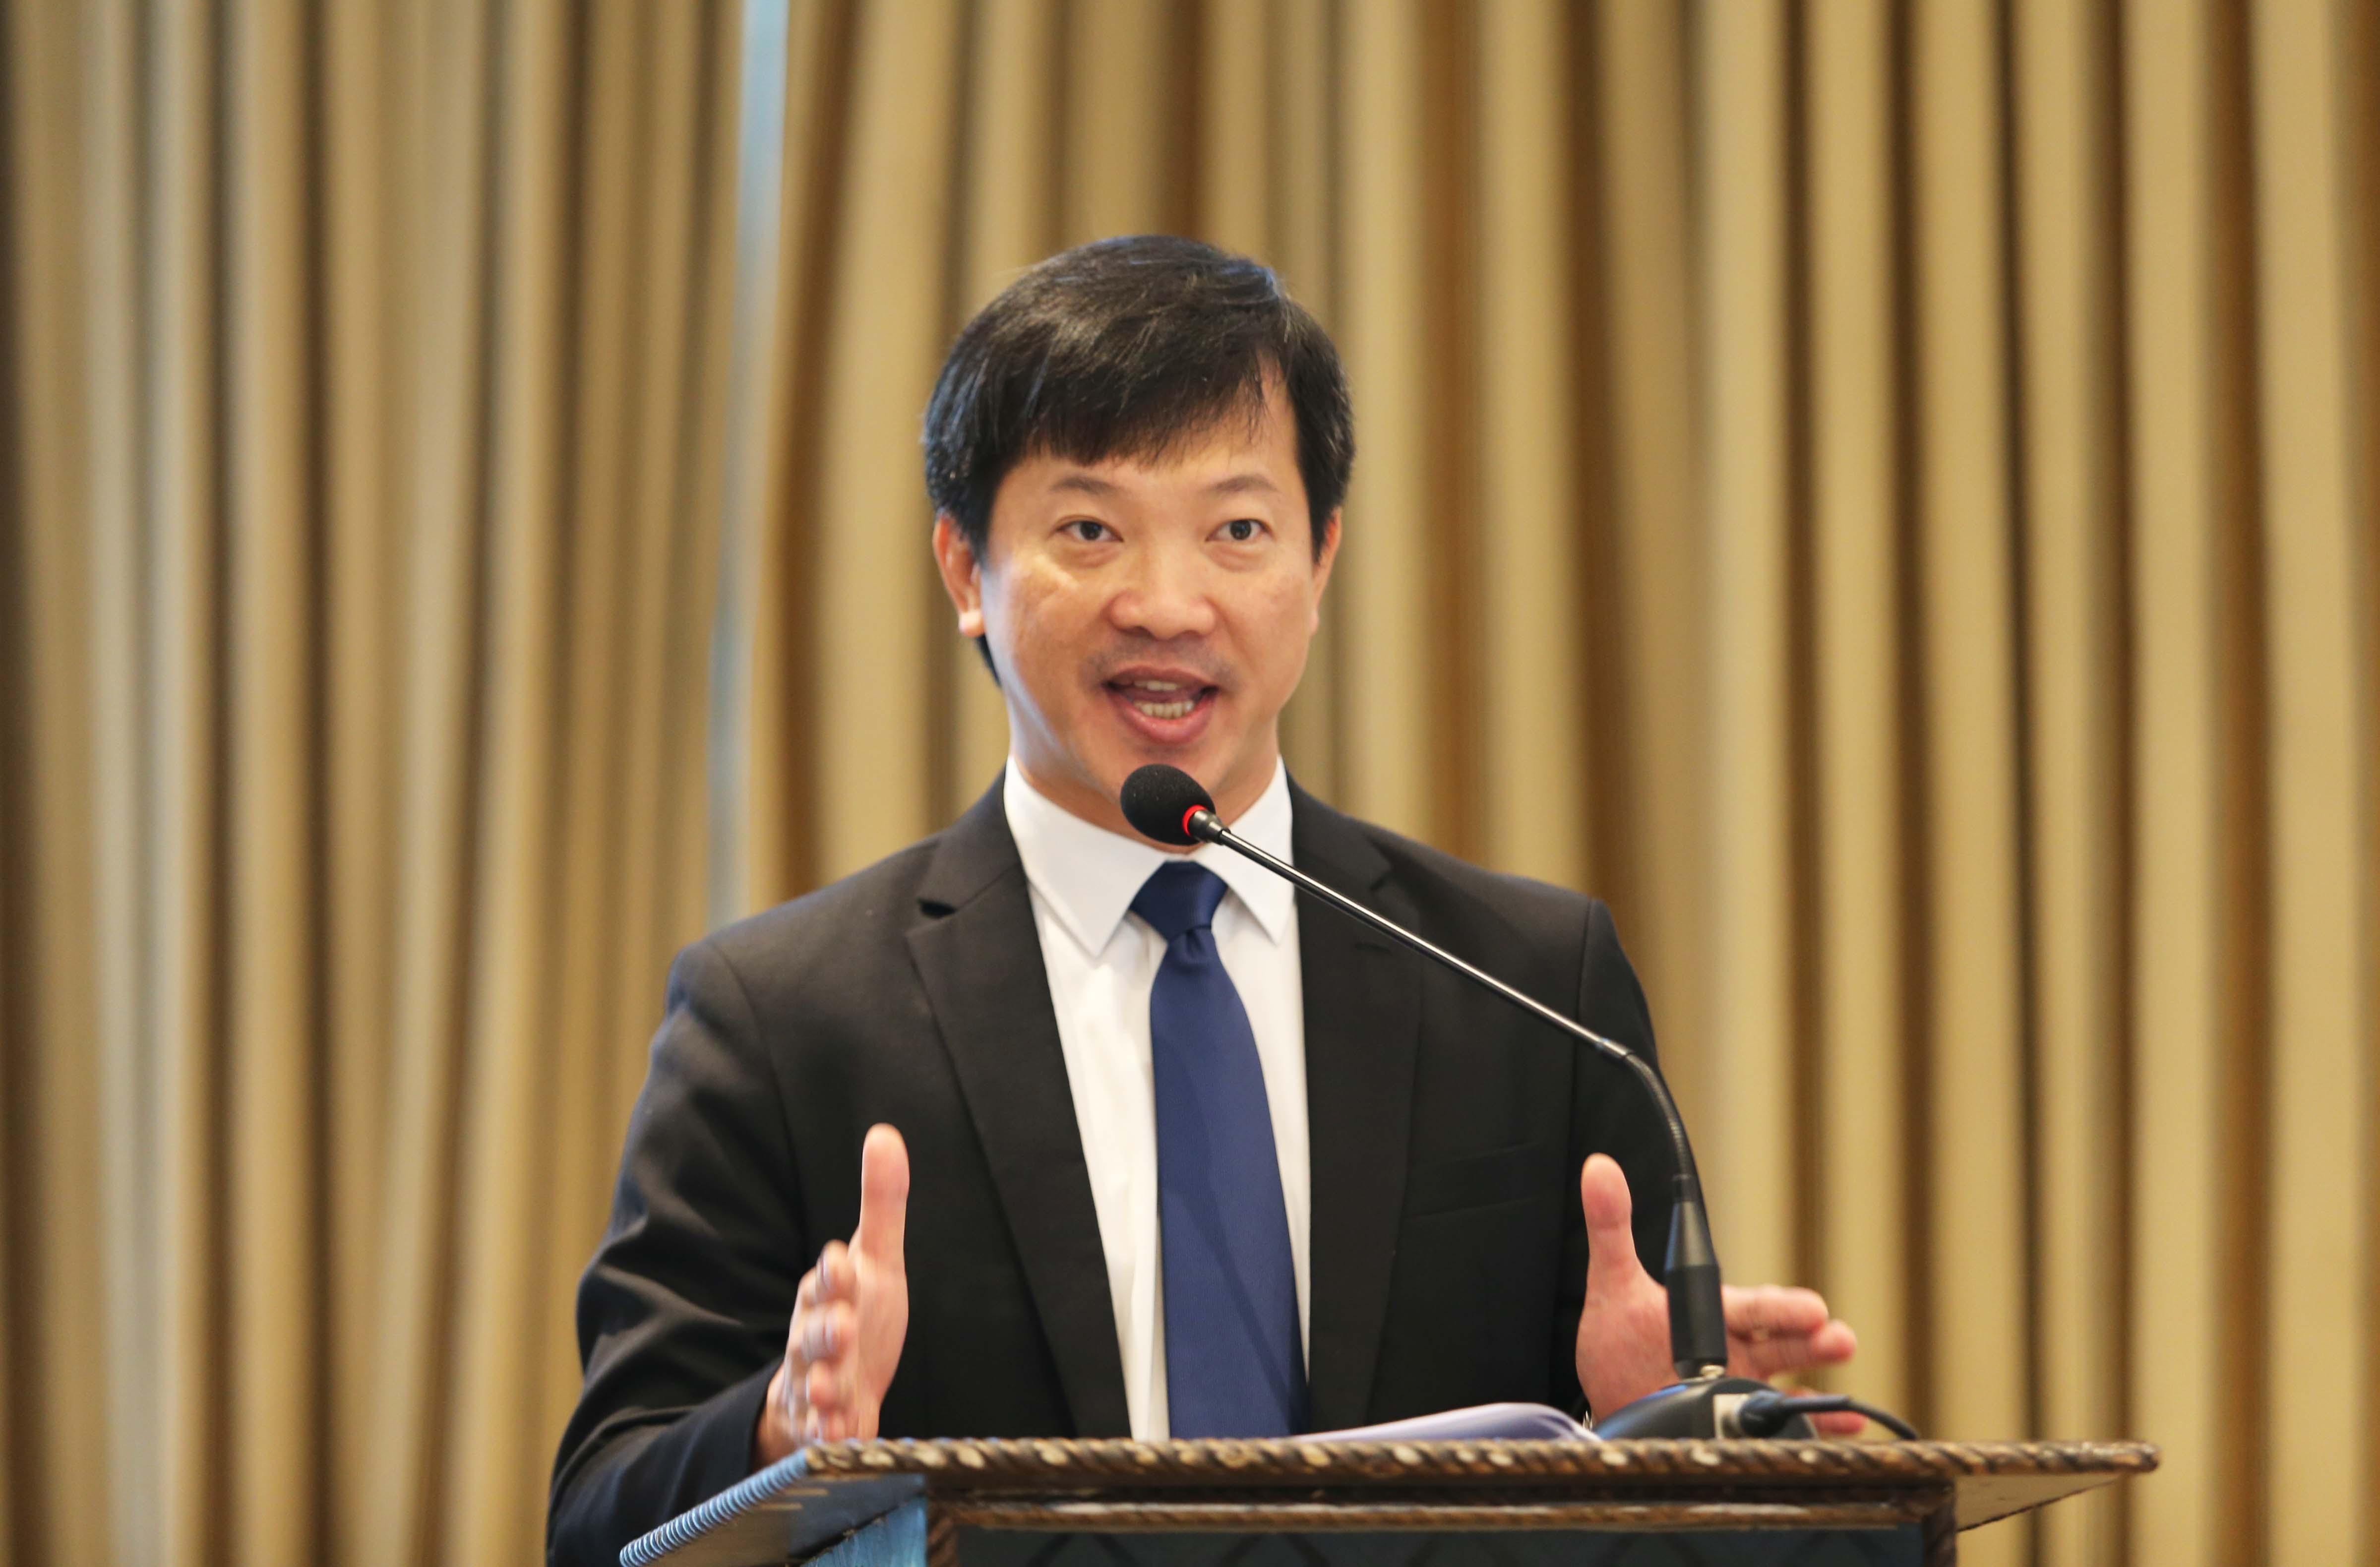 WVVF President 2017